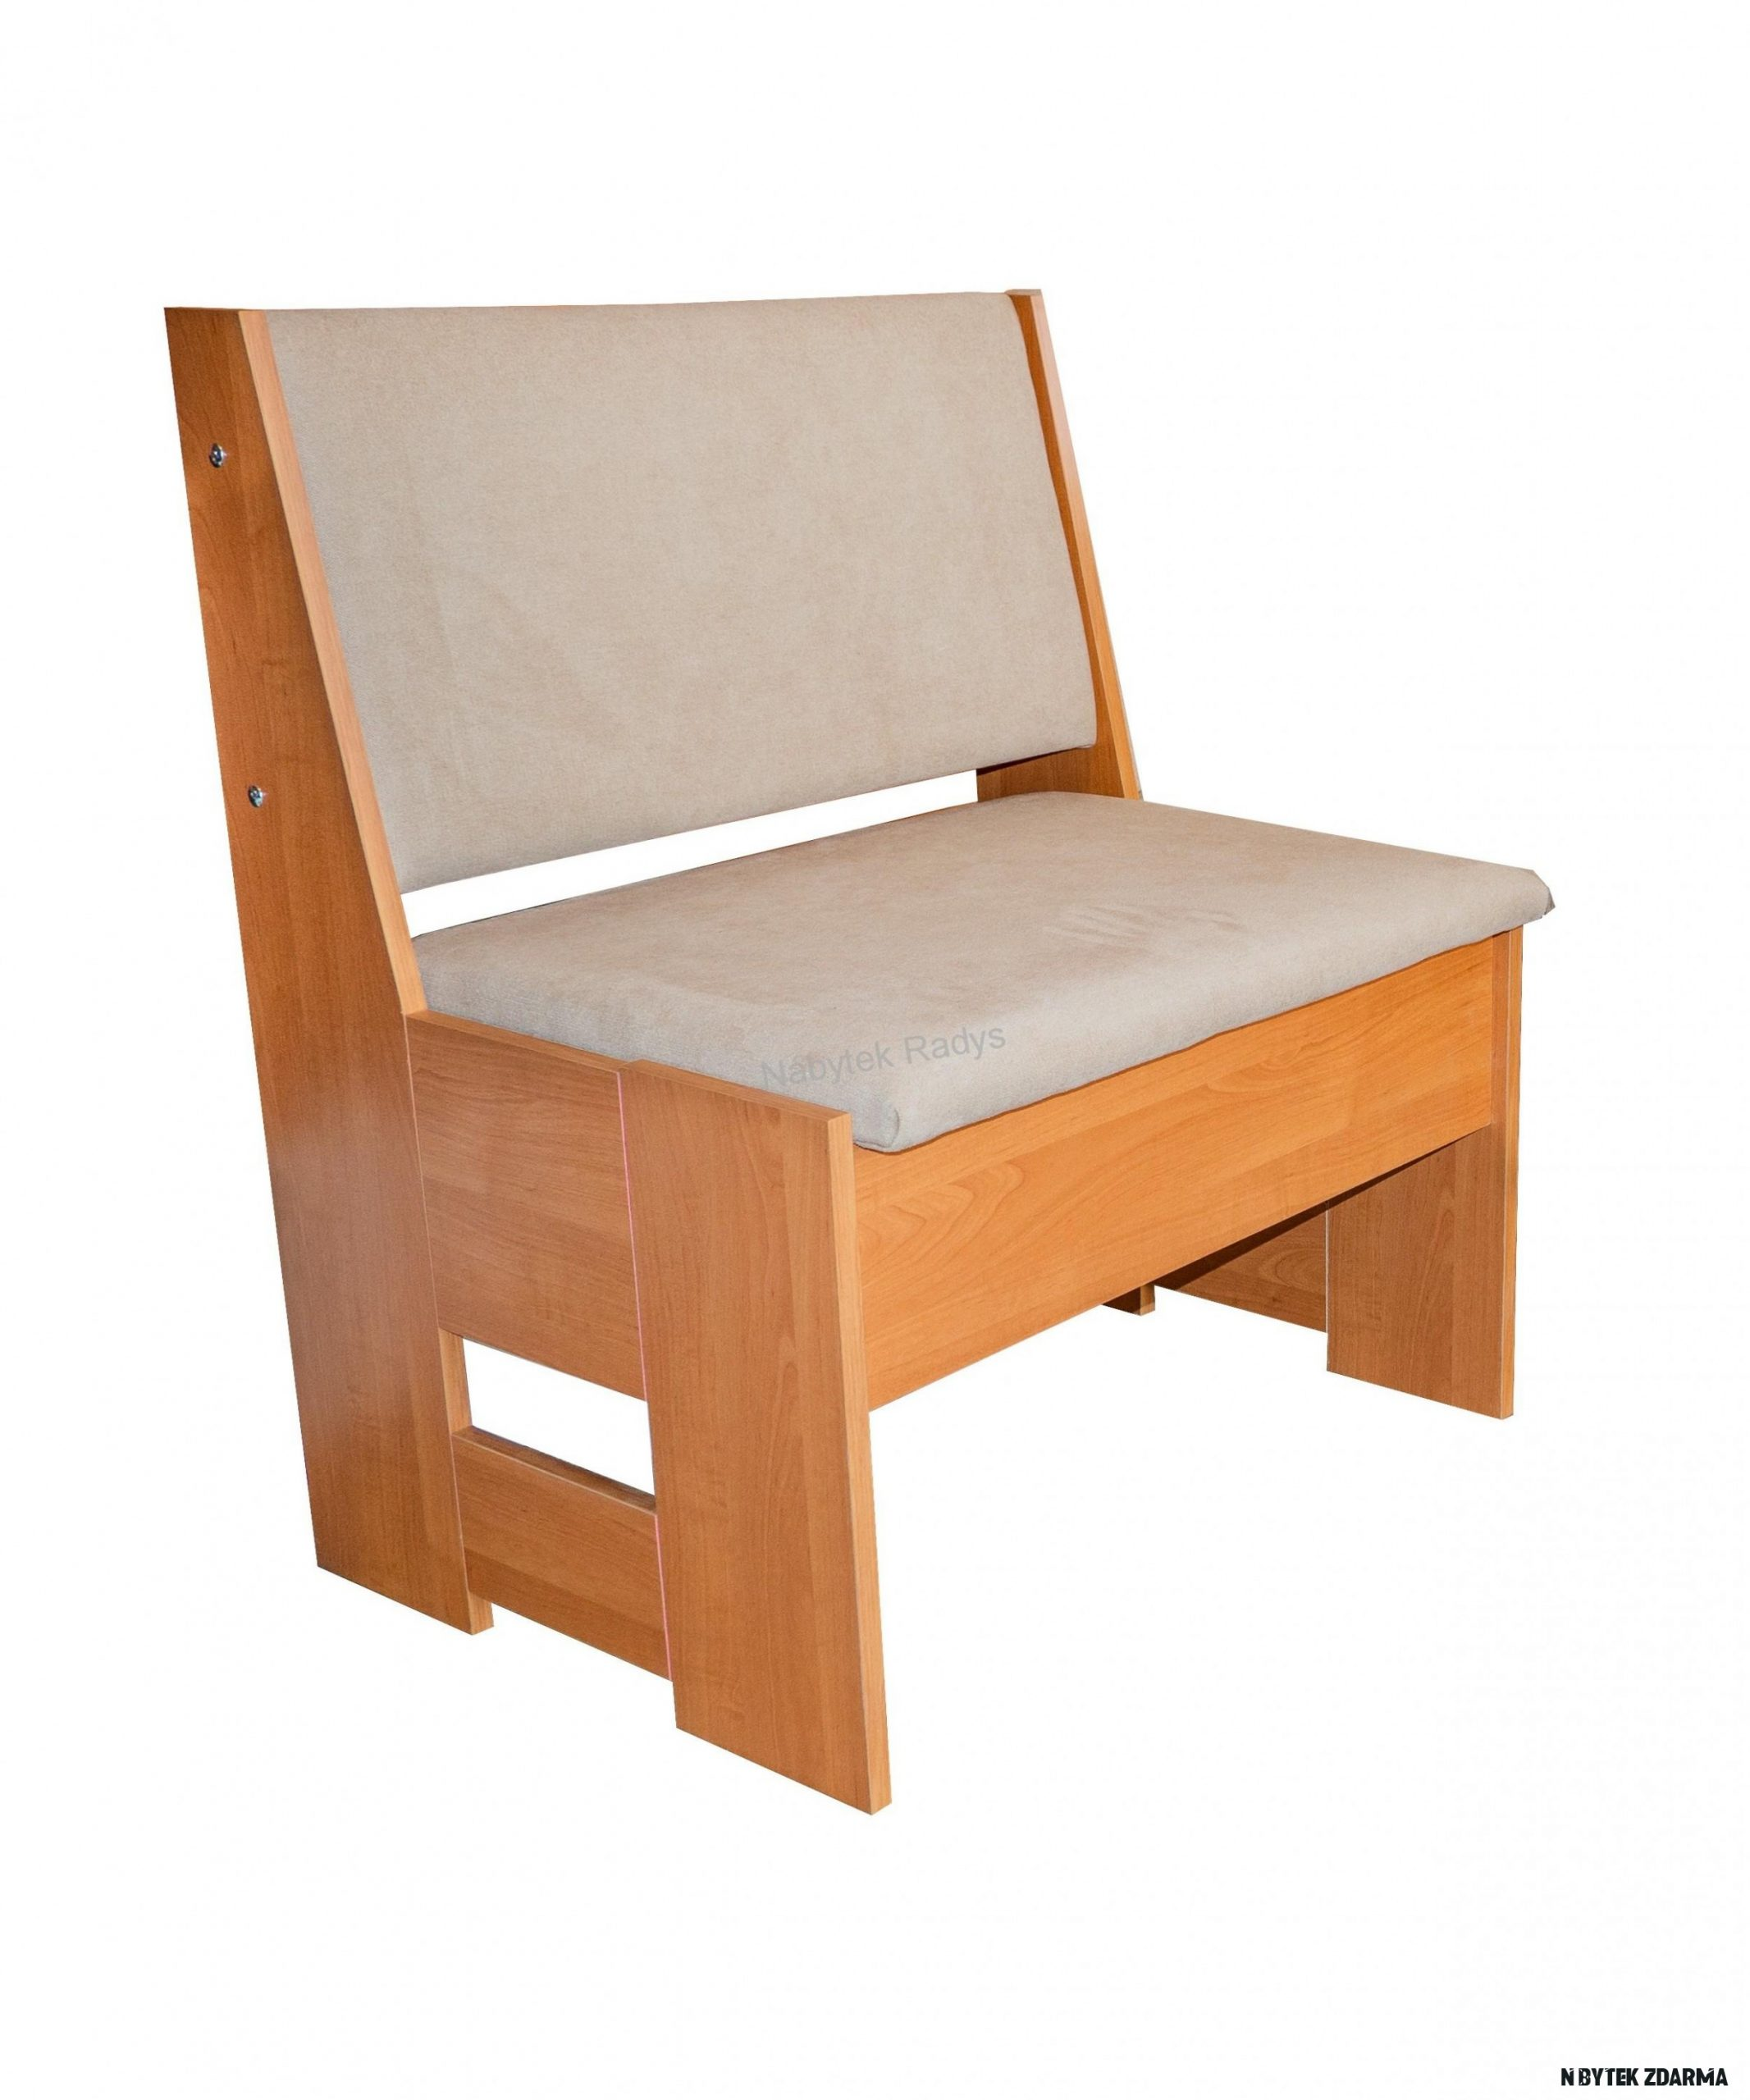 DOPRAVA ZDARMA Kuchyňská rovná lavice INKA  Nábytek Radys - Prodej  kvalitního a levného nábytku